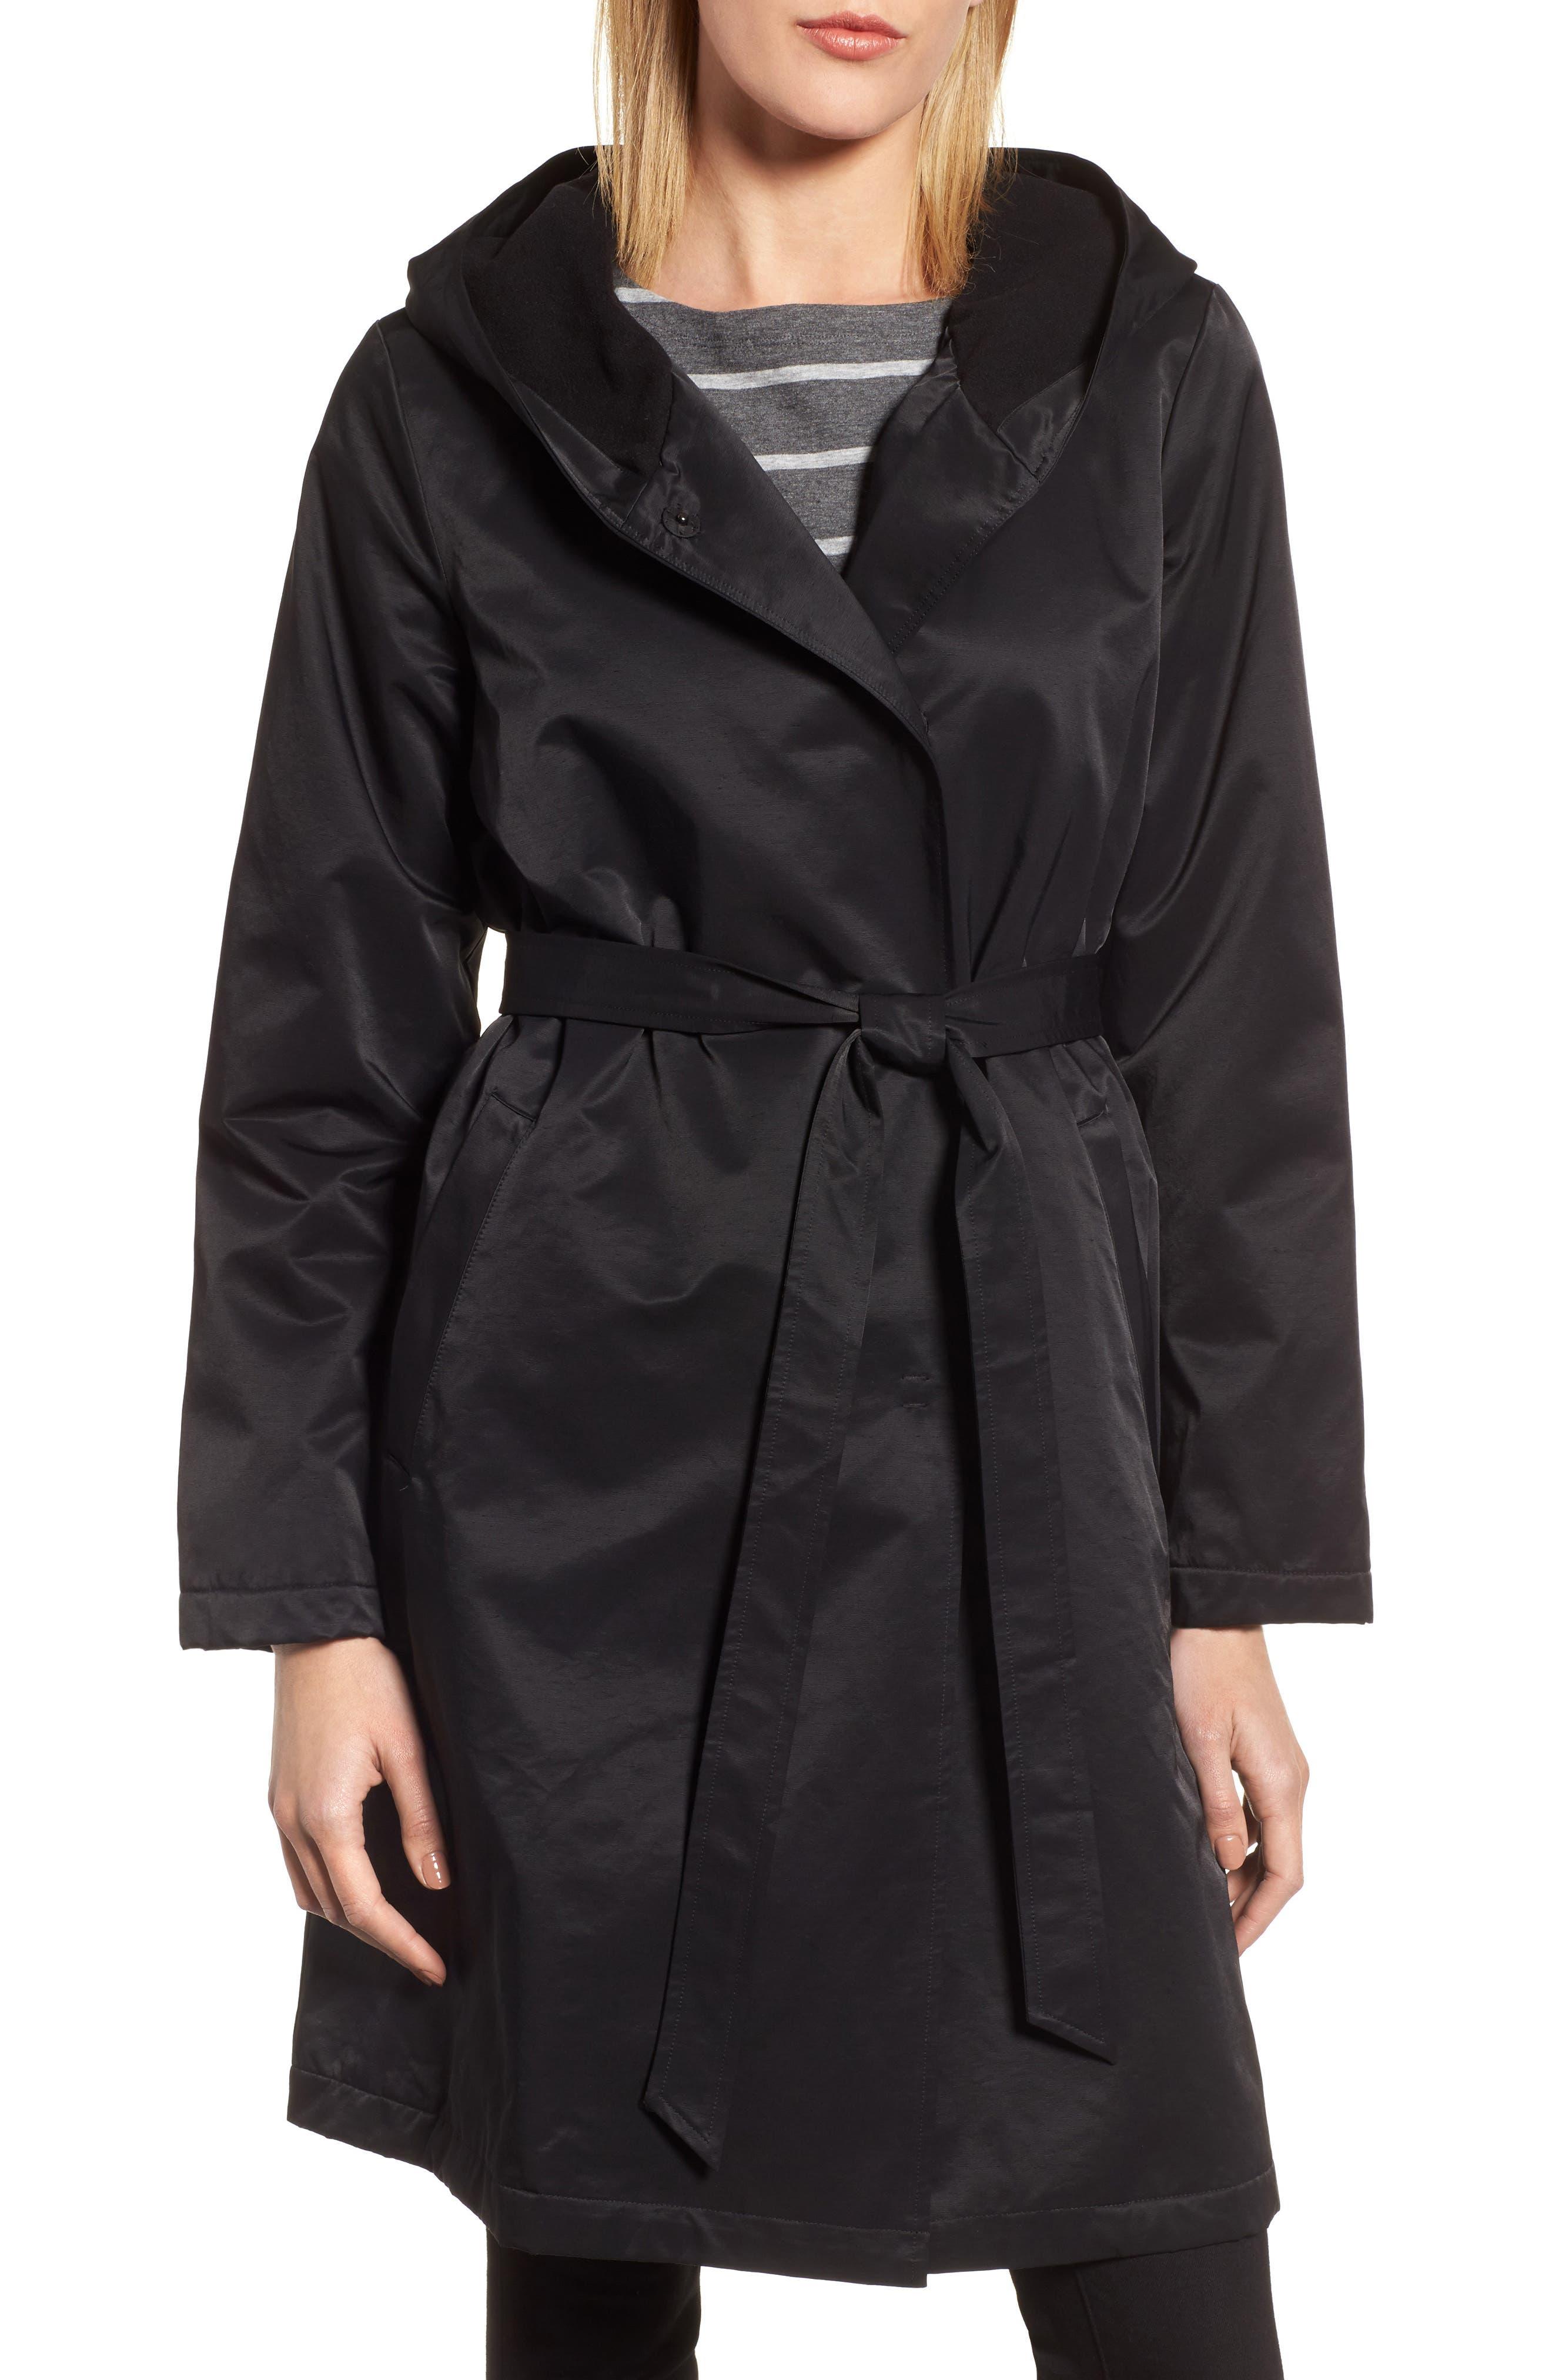 Fleece Lined Hooded Coat,                             Main thumbnail 1, color,                             001